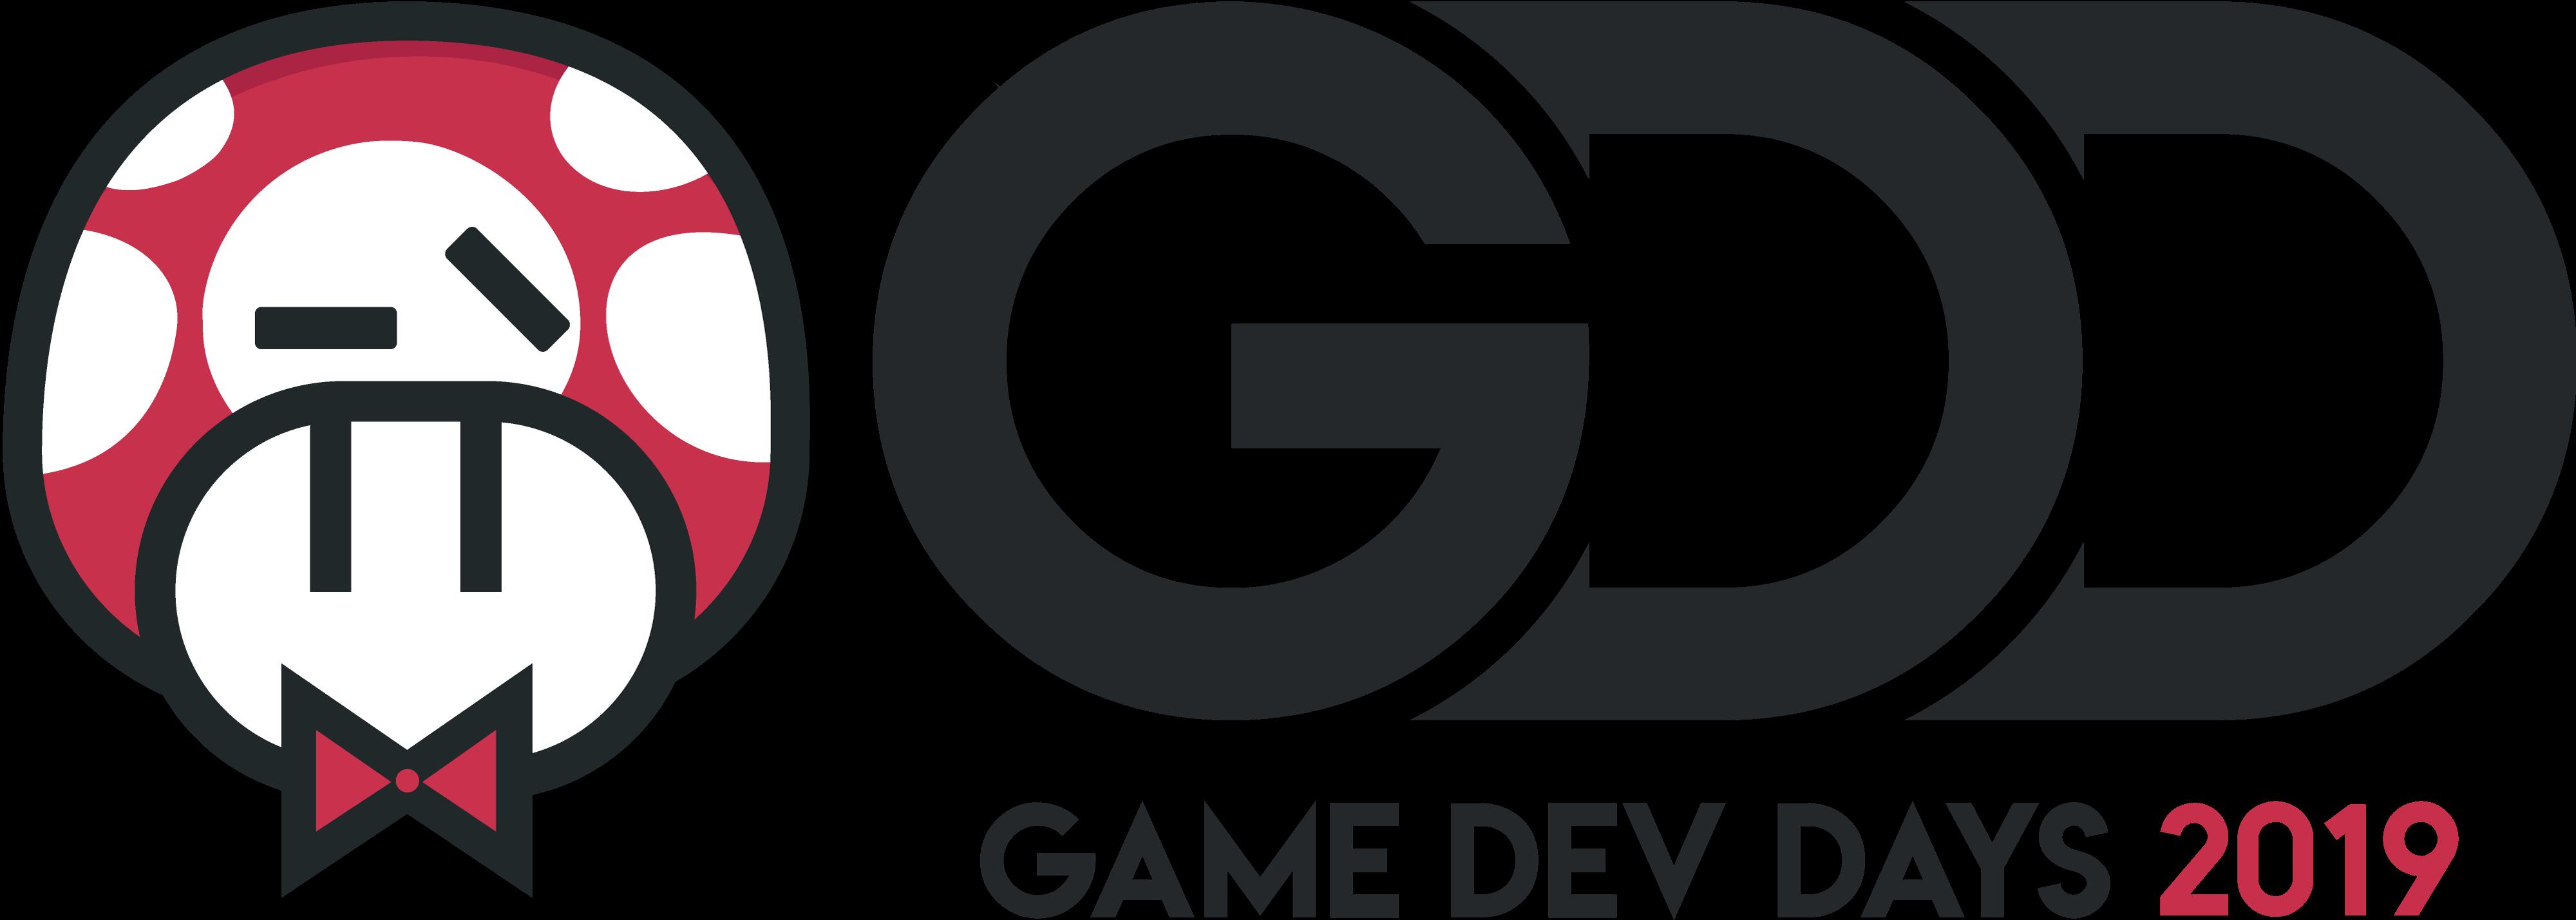 imgawards-logopartners-gamedevdays